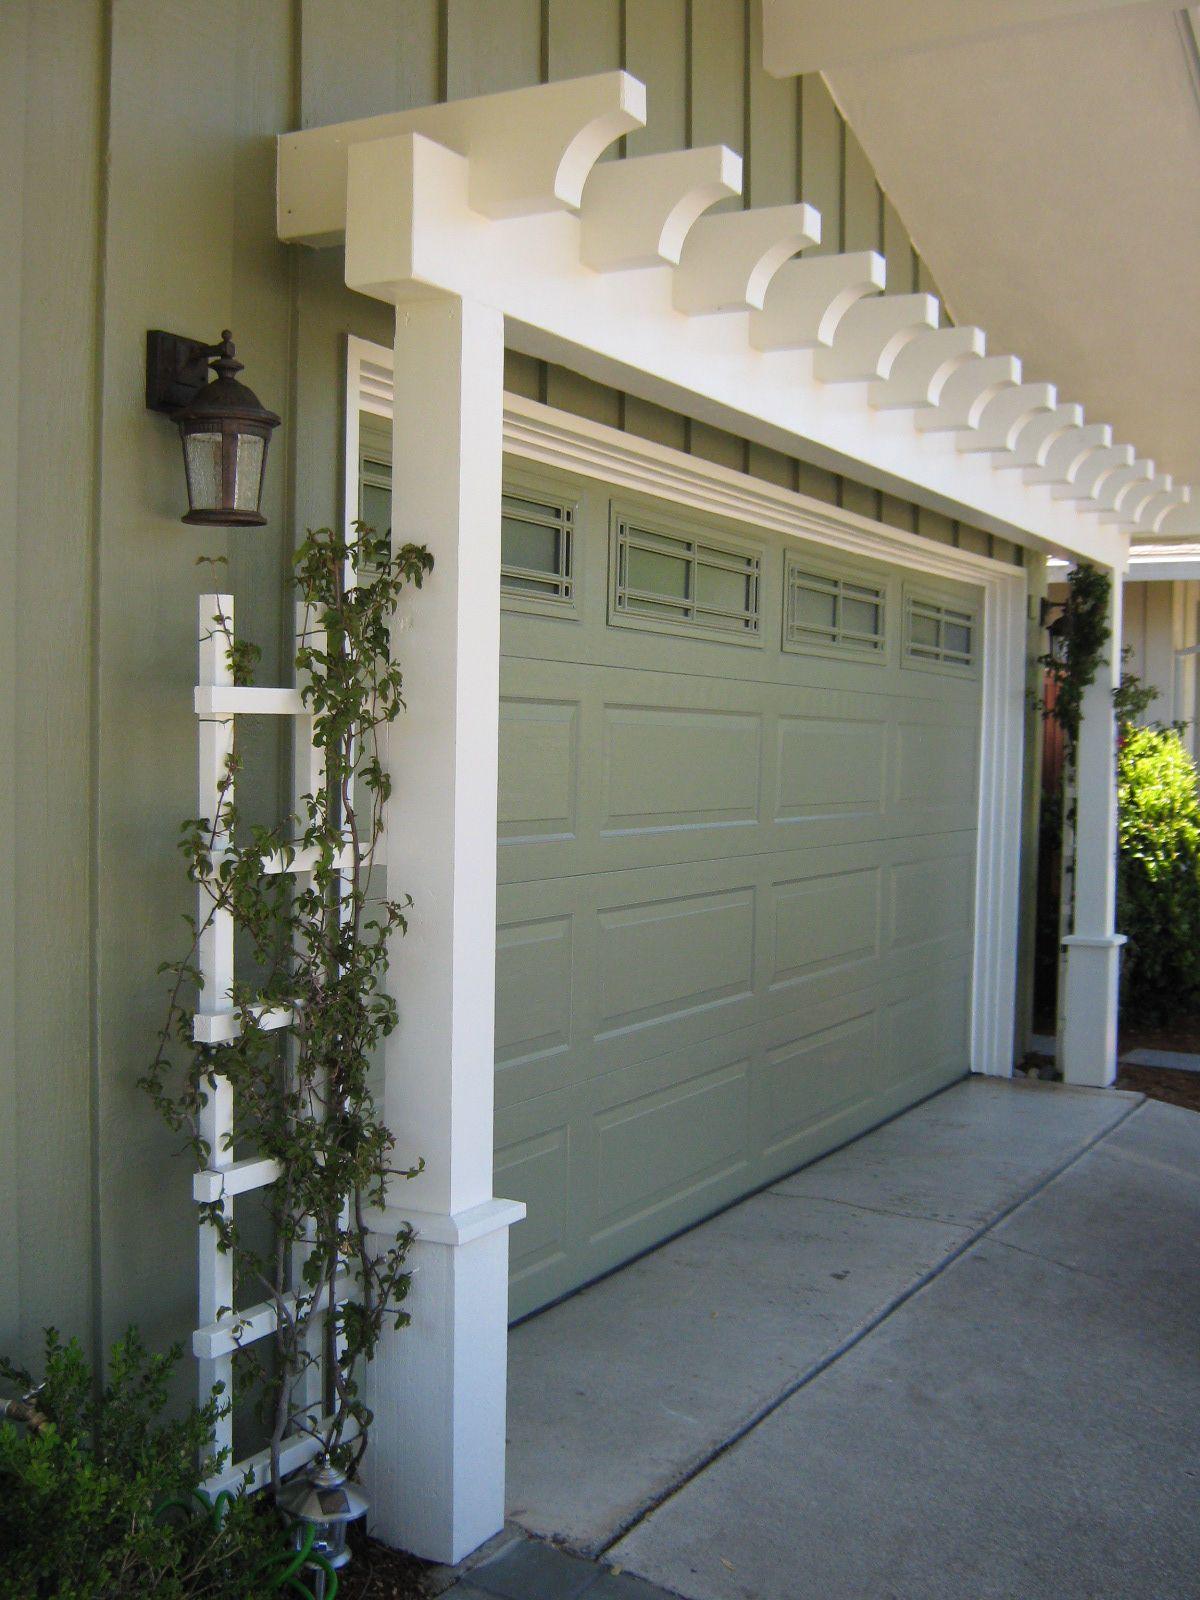 Trellis over garage door - Garage Door Arbor Great Way To Increase Curb Appeal Door Pergolagarage